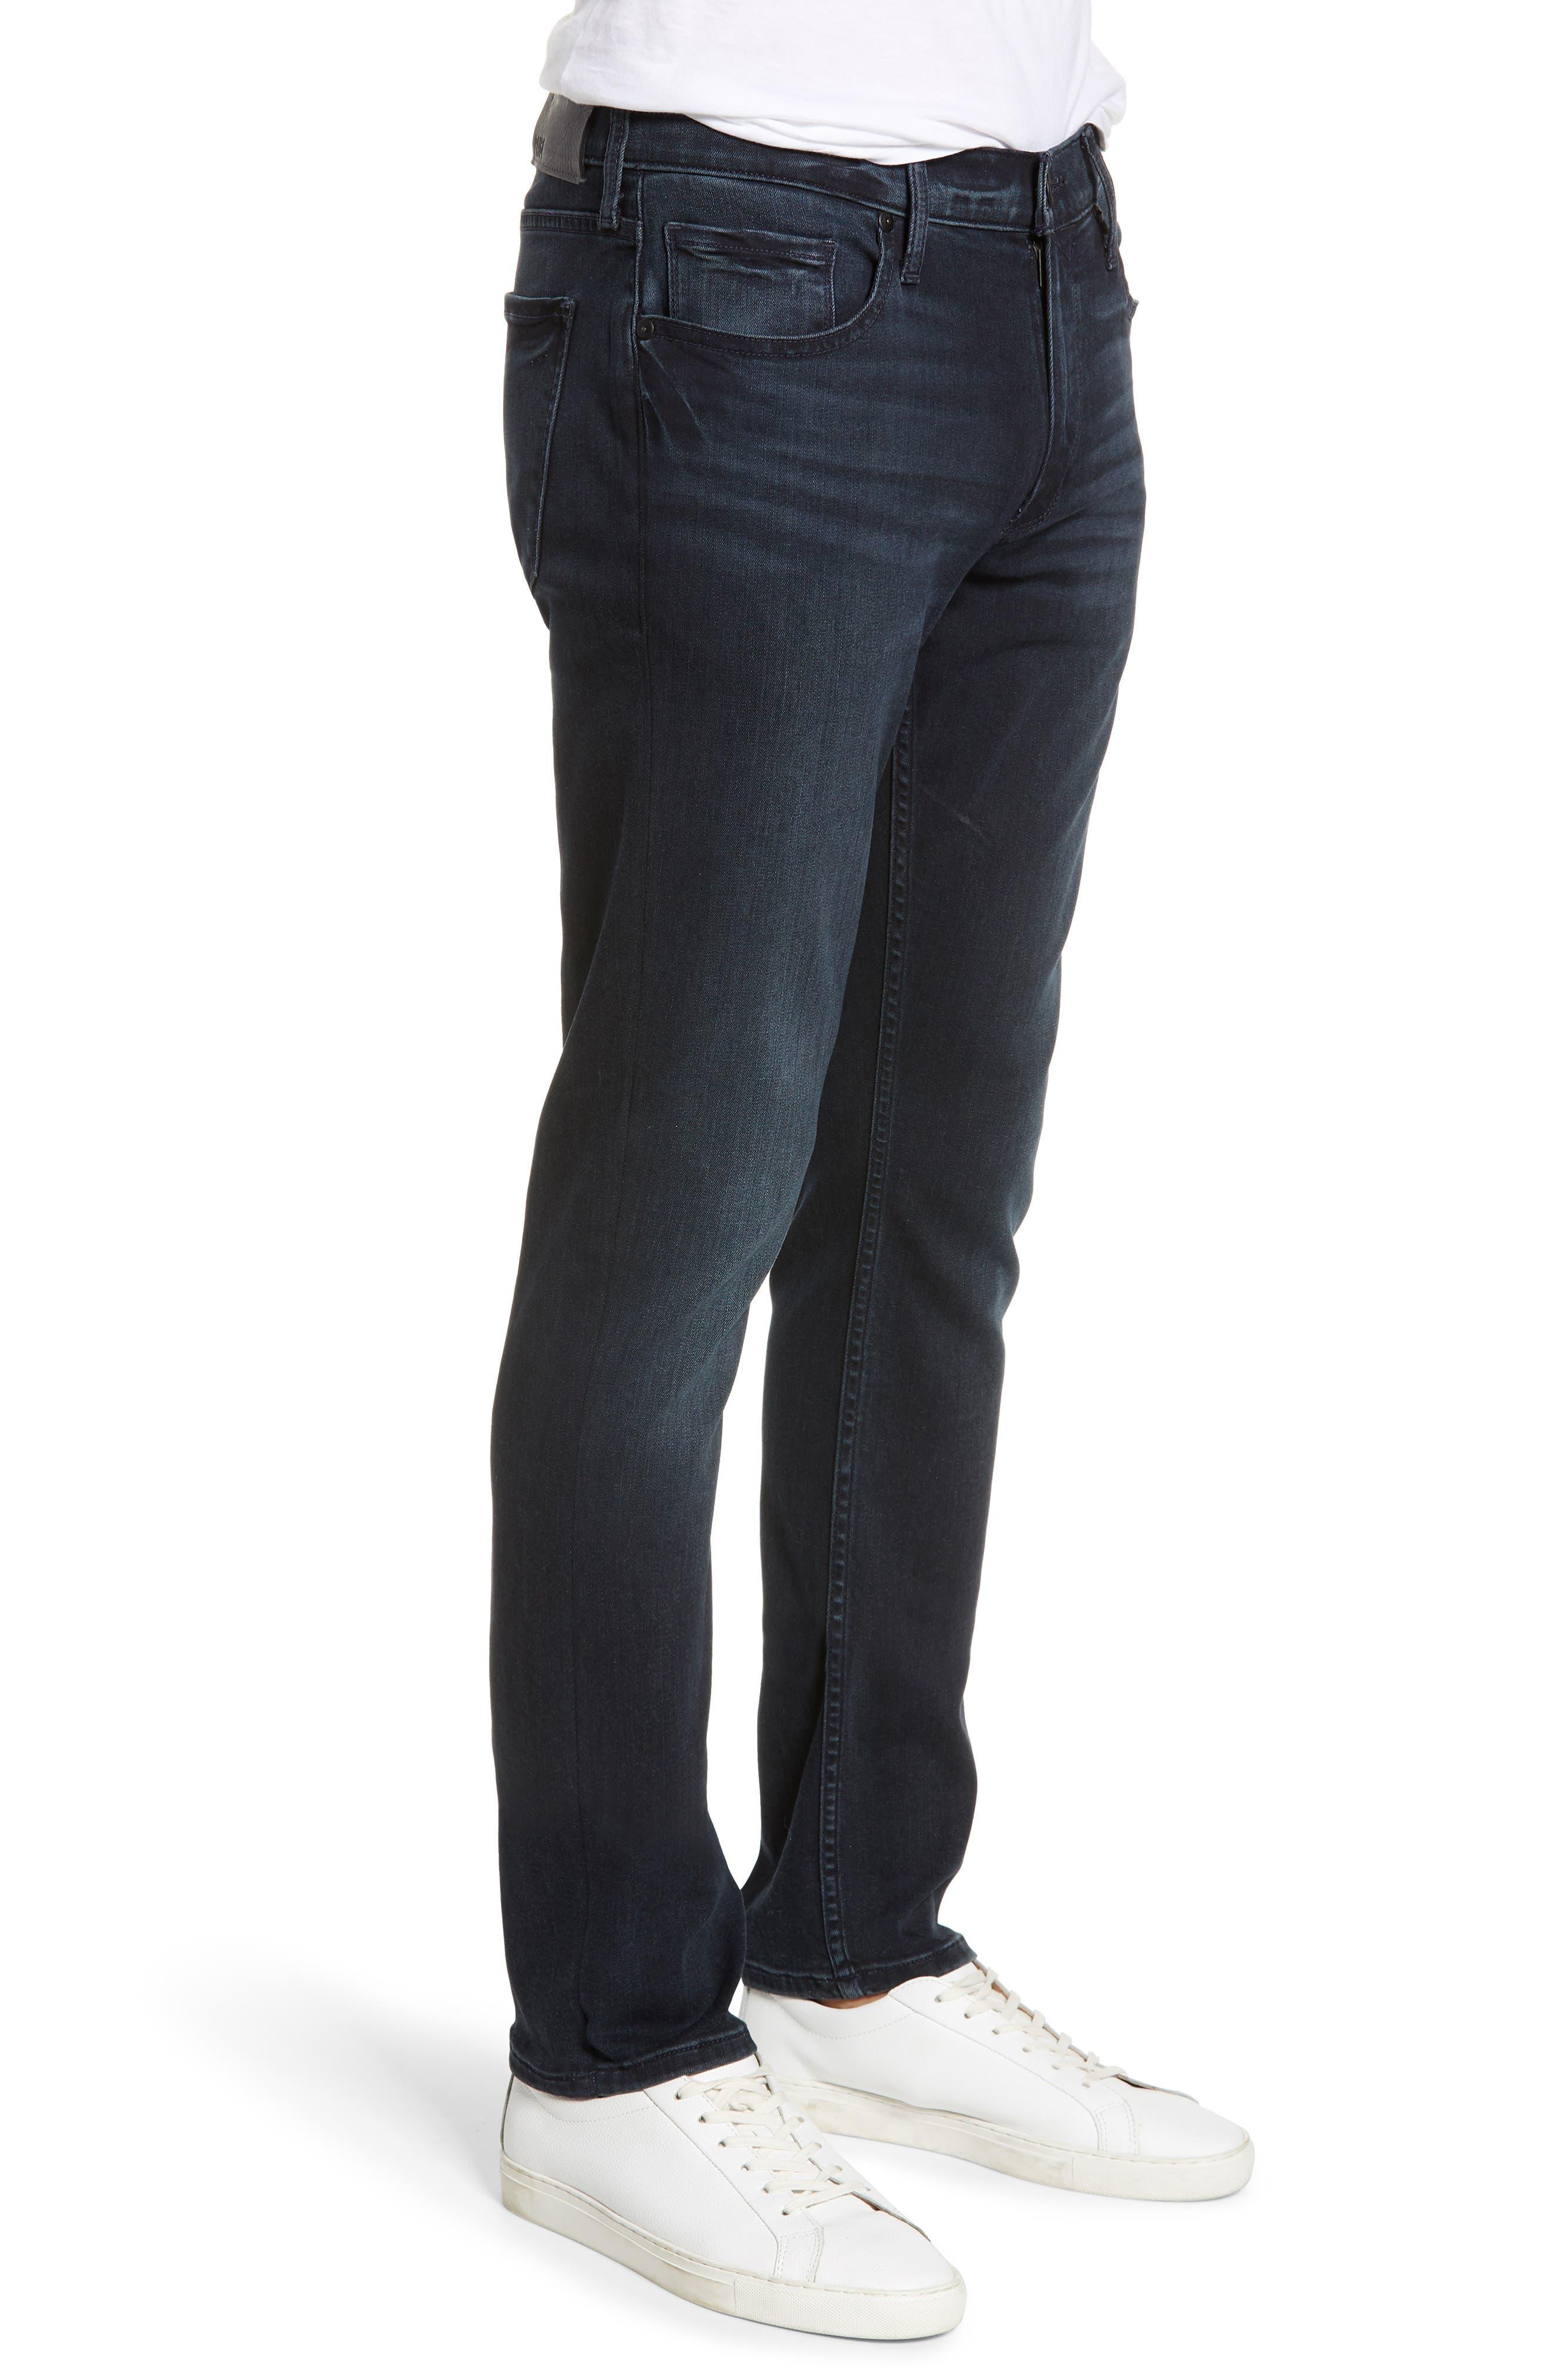 PAIGE, Transcend - Lennox Slim Fit Jeans, Alternate thumbnail 4, color, HOLLAND